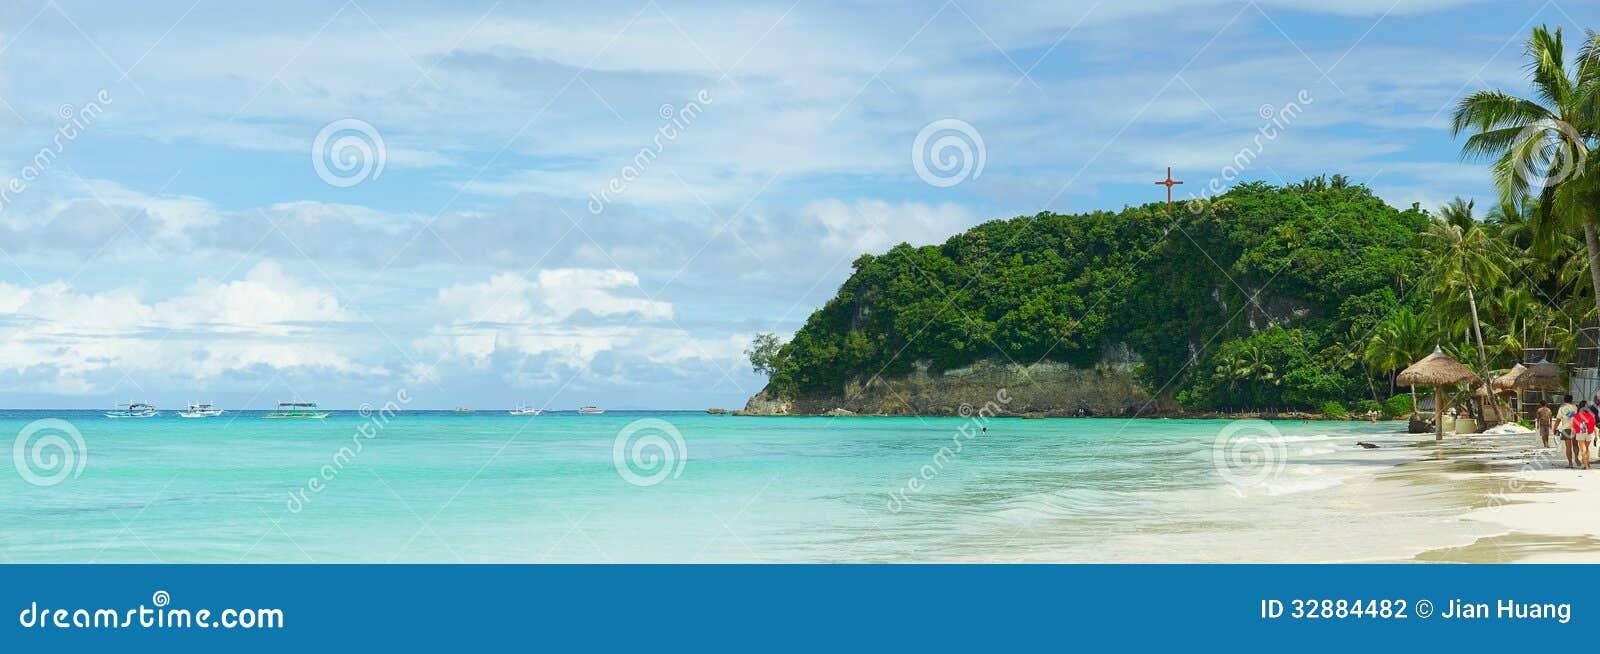 Η παραλία στο νησί Boracay